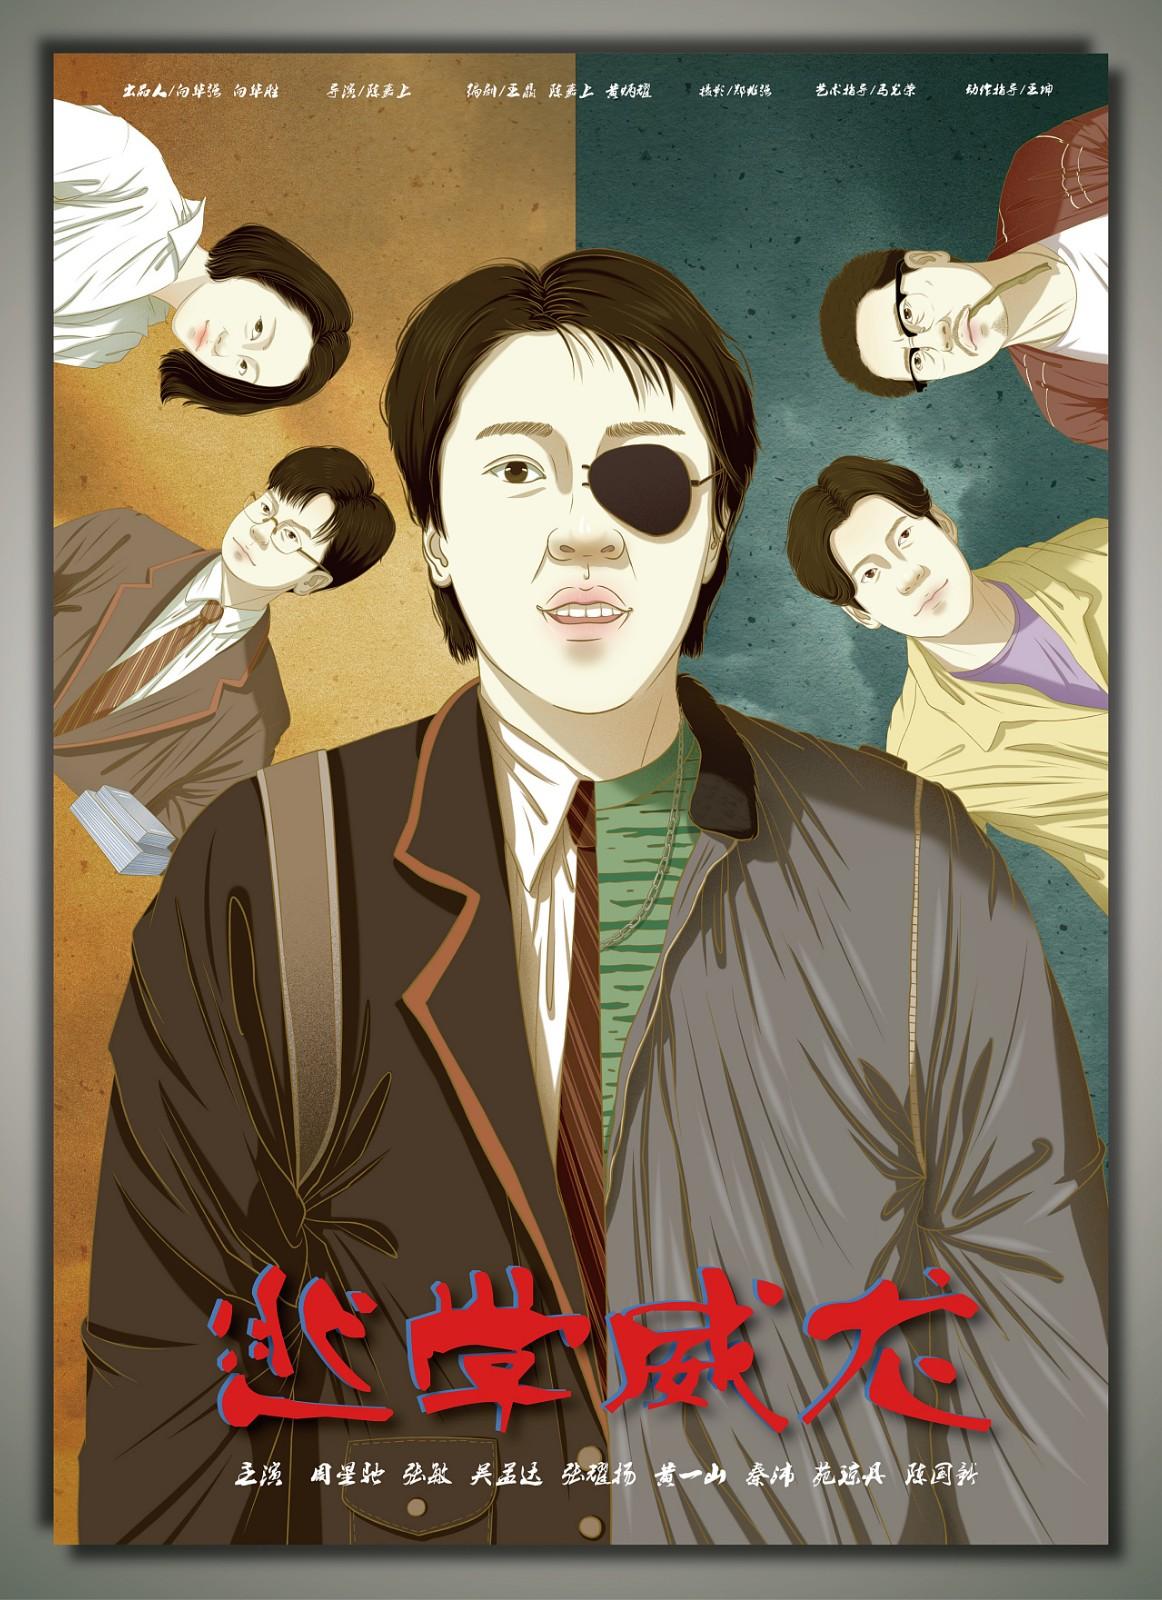 周星驰经典电影代表作系列手绘海报设计